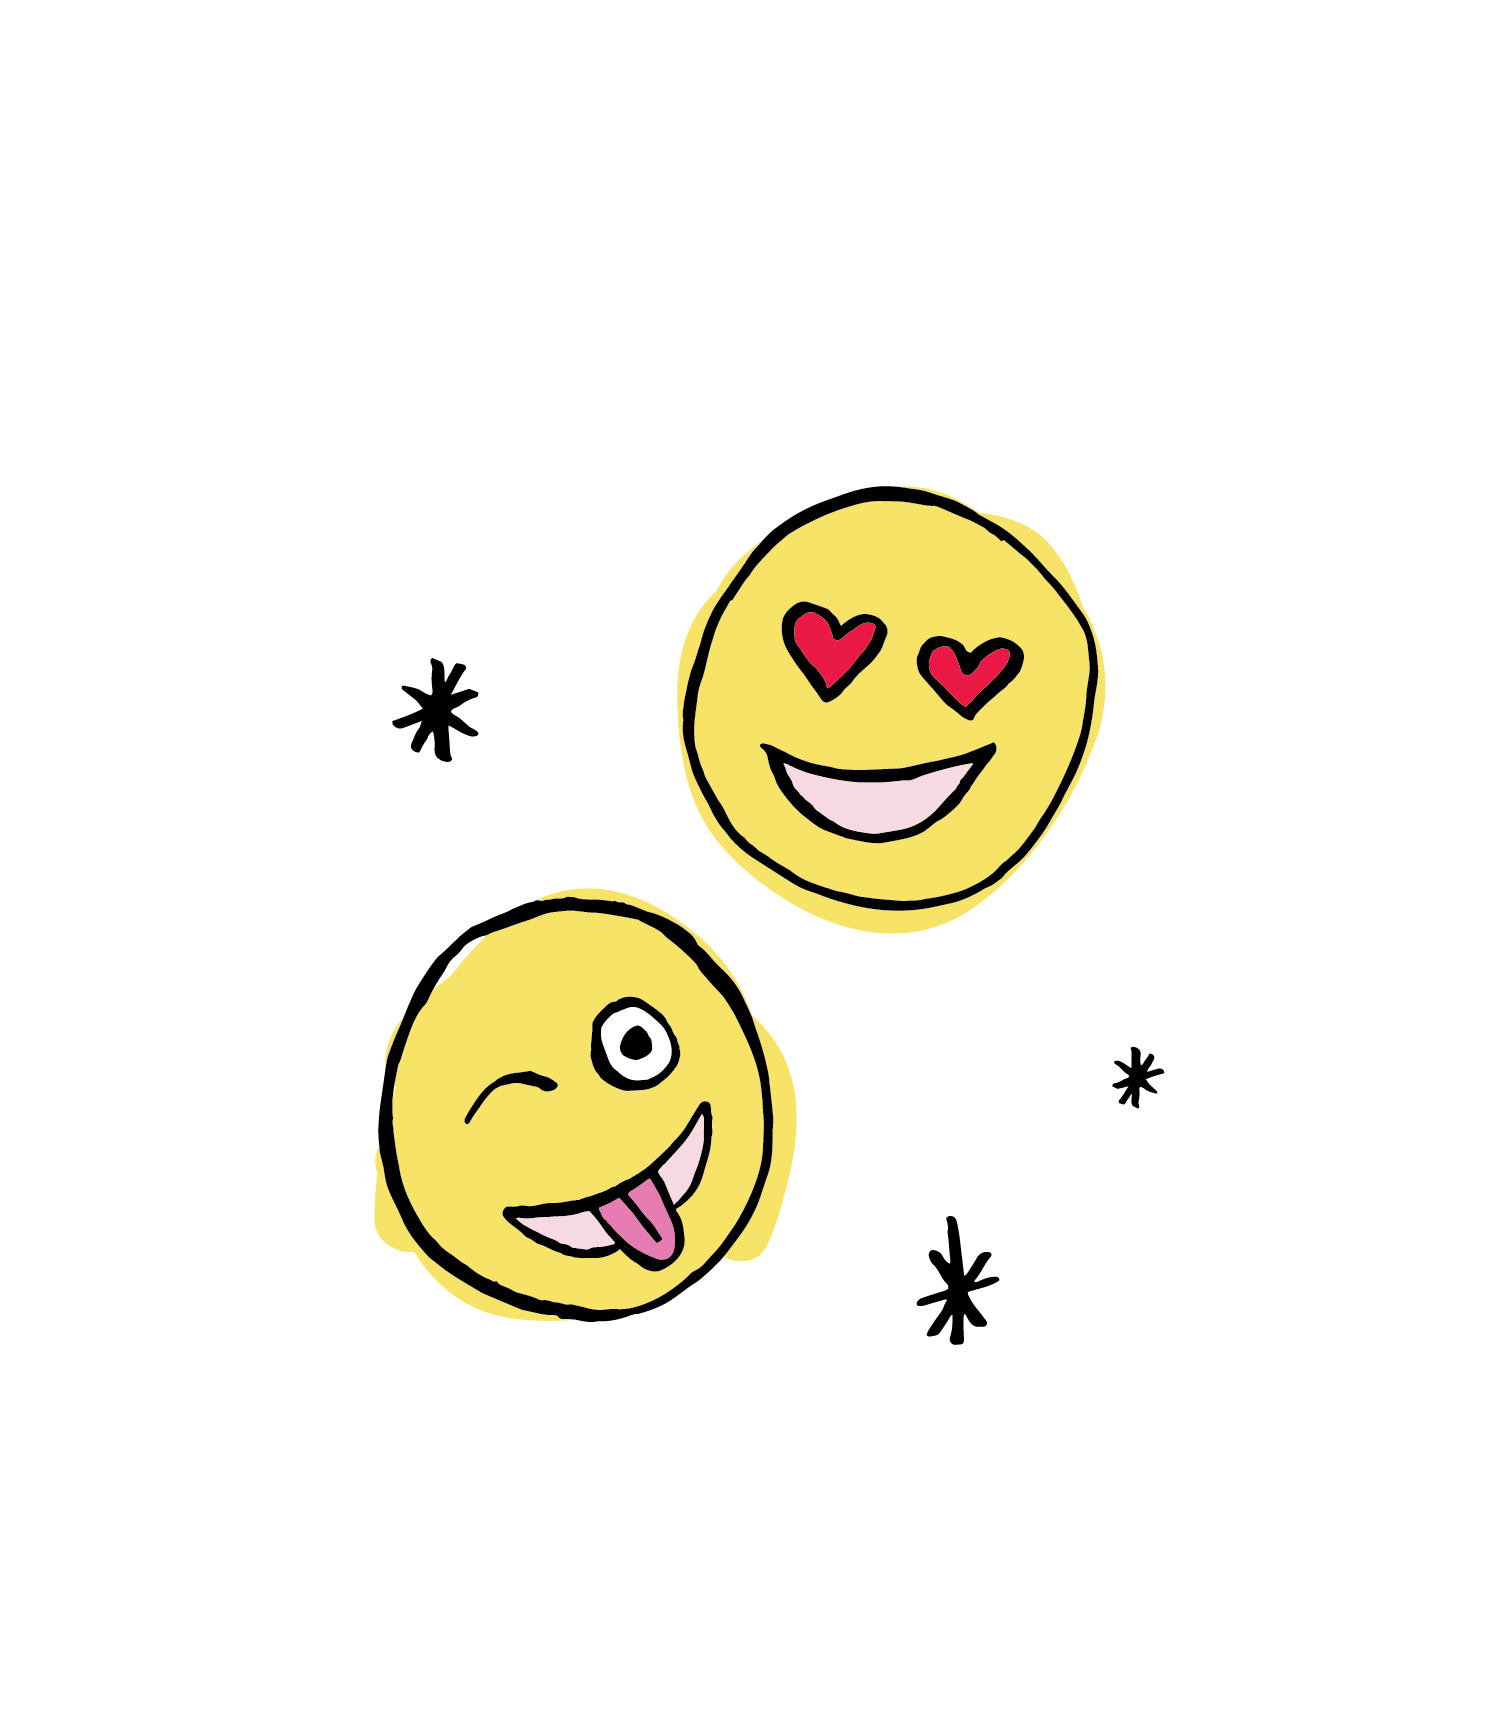 emoji-03.jpg